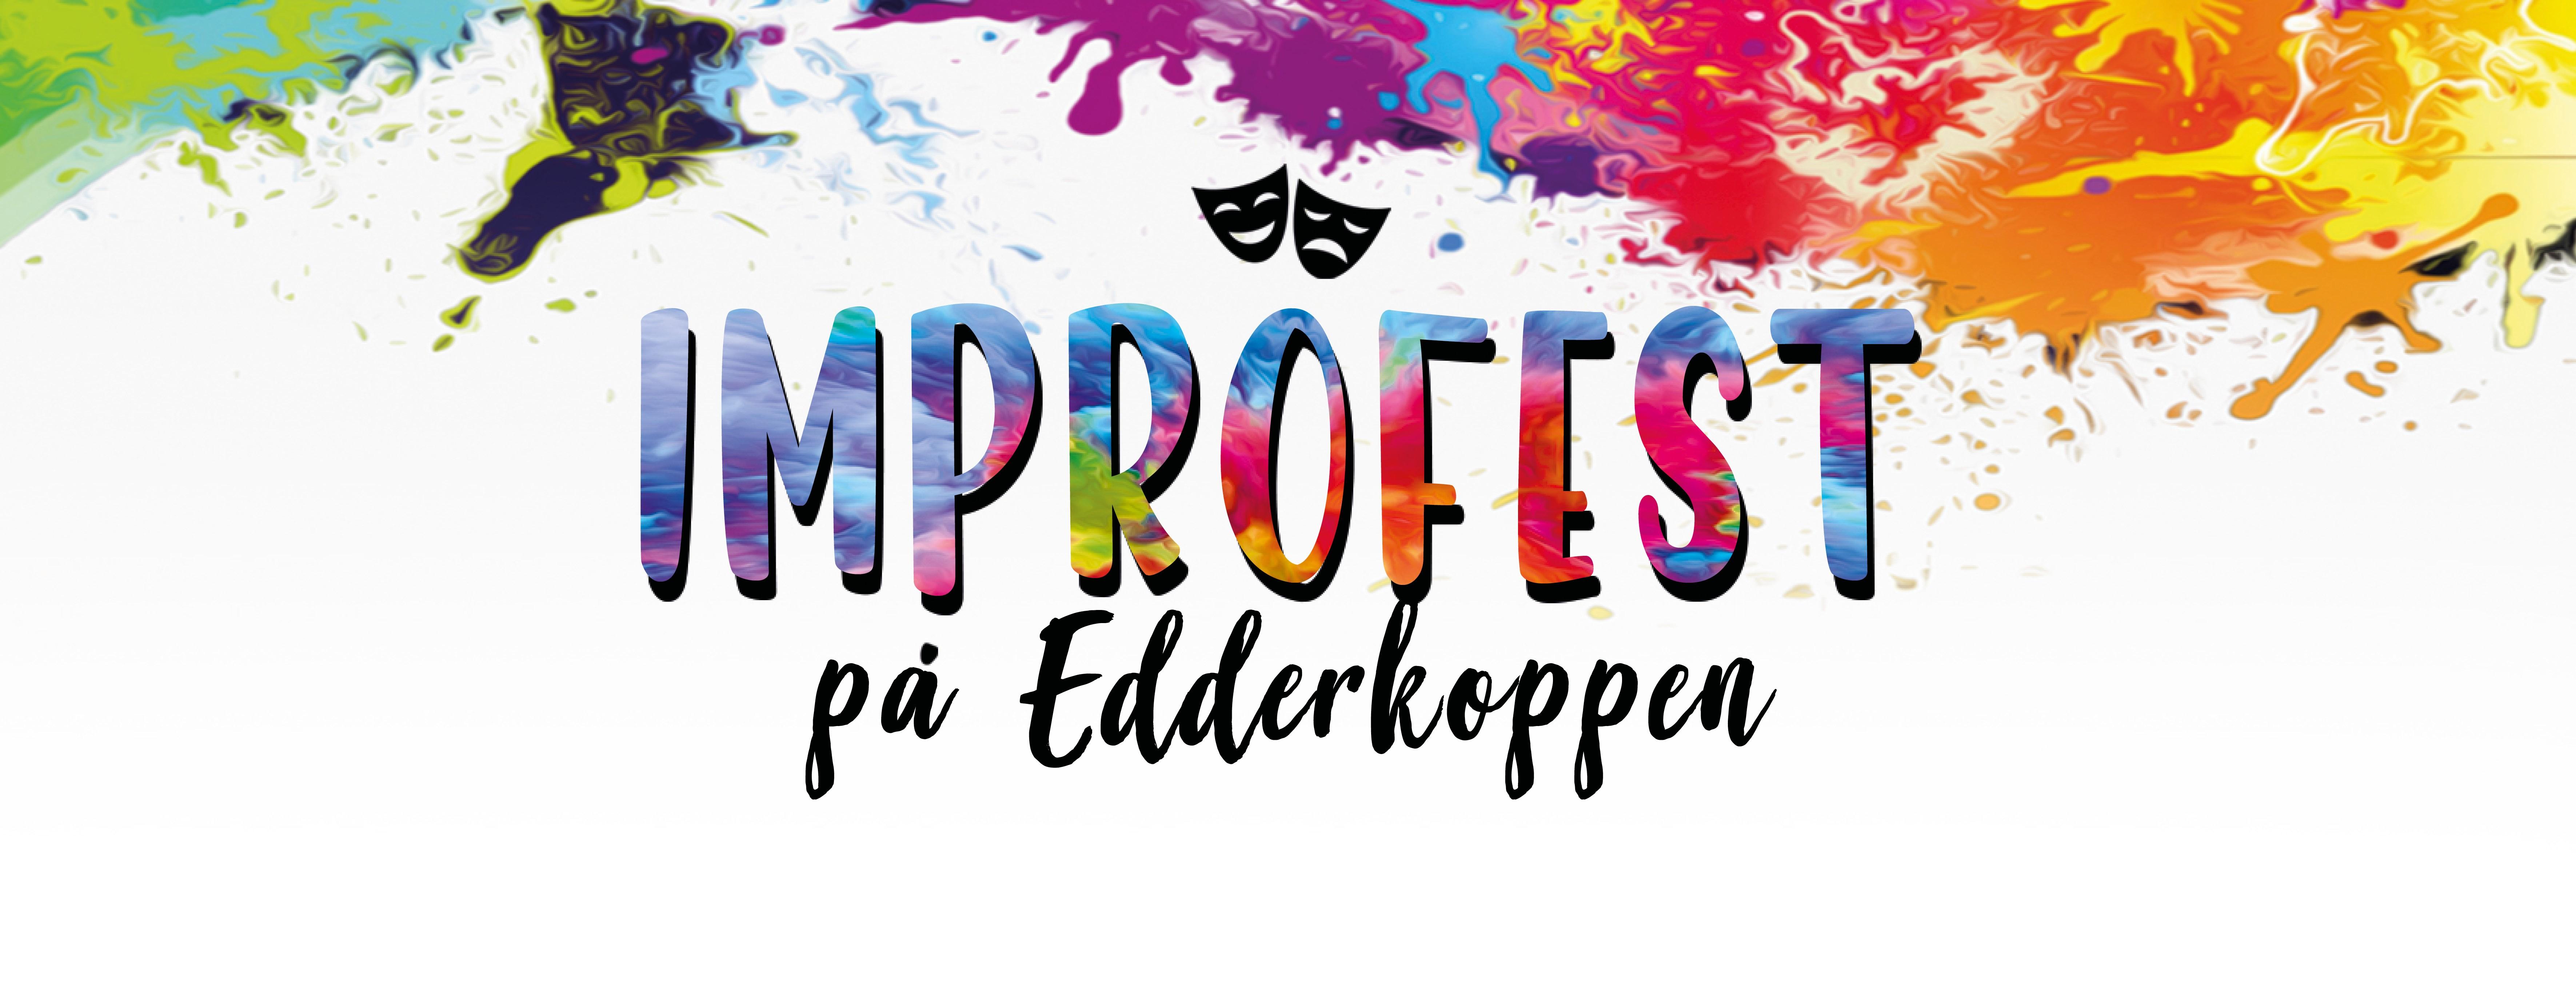 Improfest-Edderkoppen-Scene-Oslo-humor